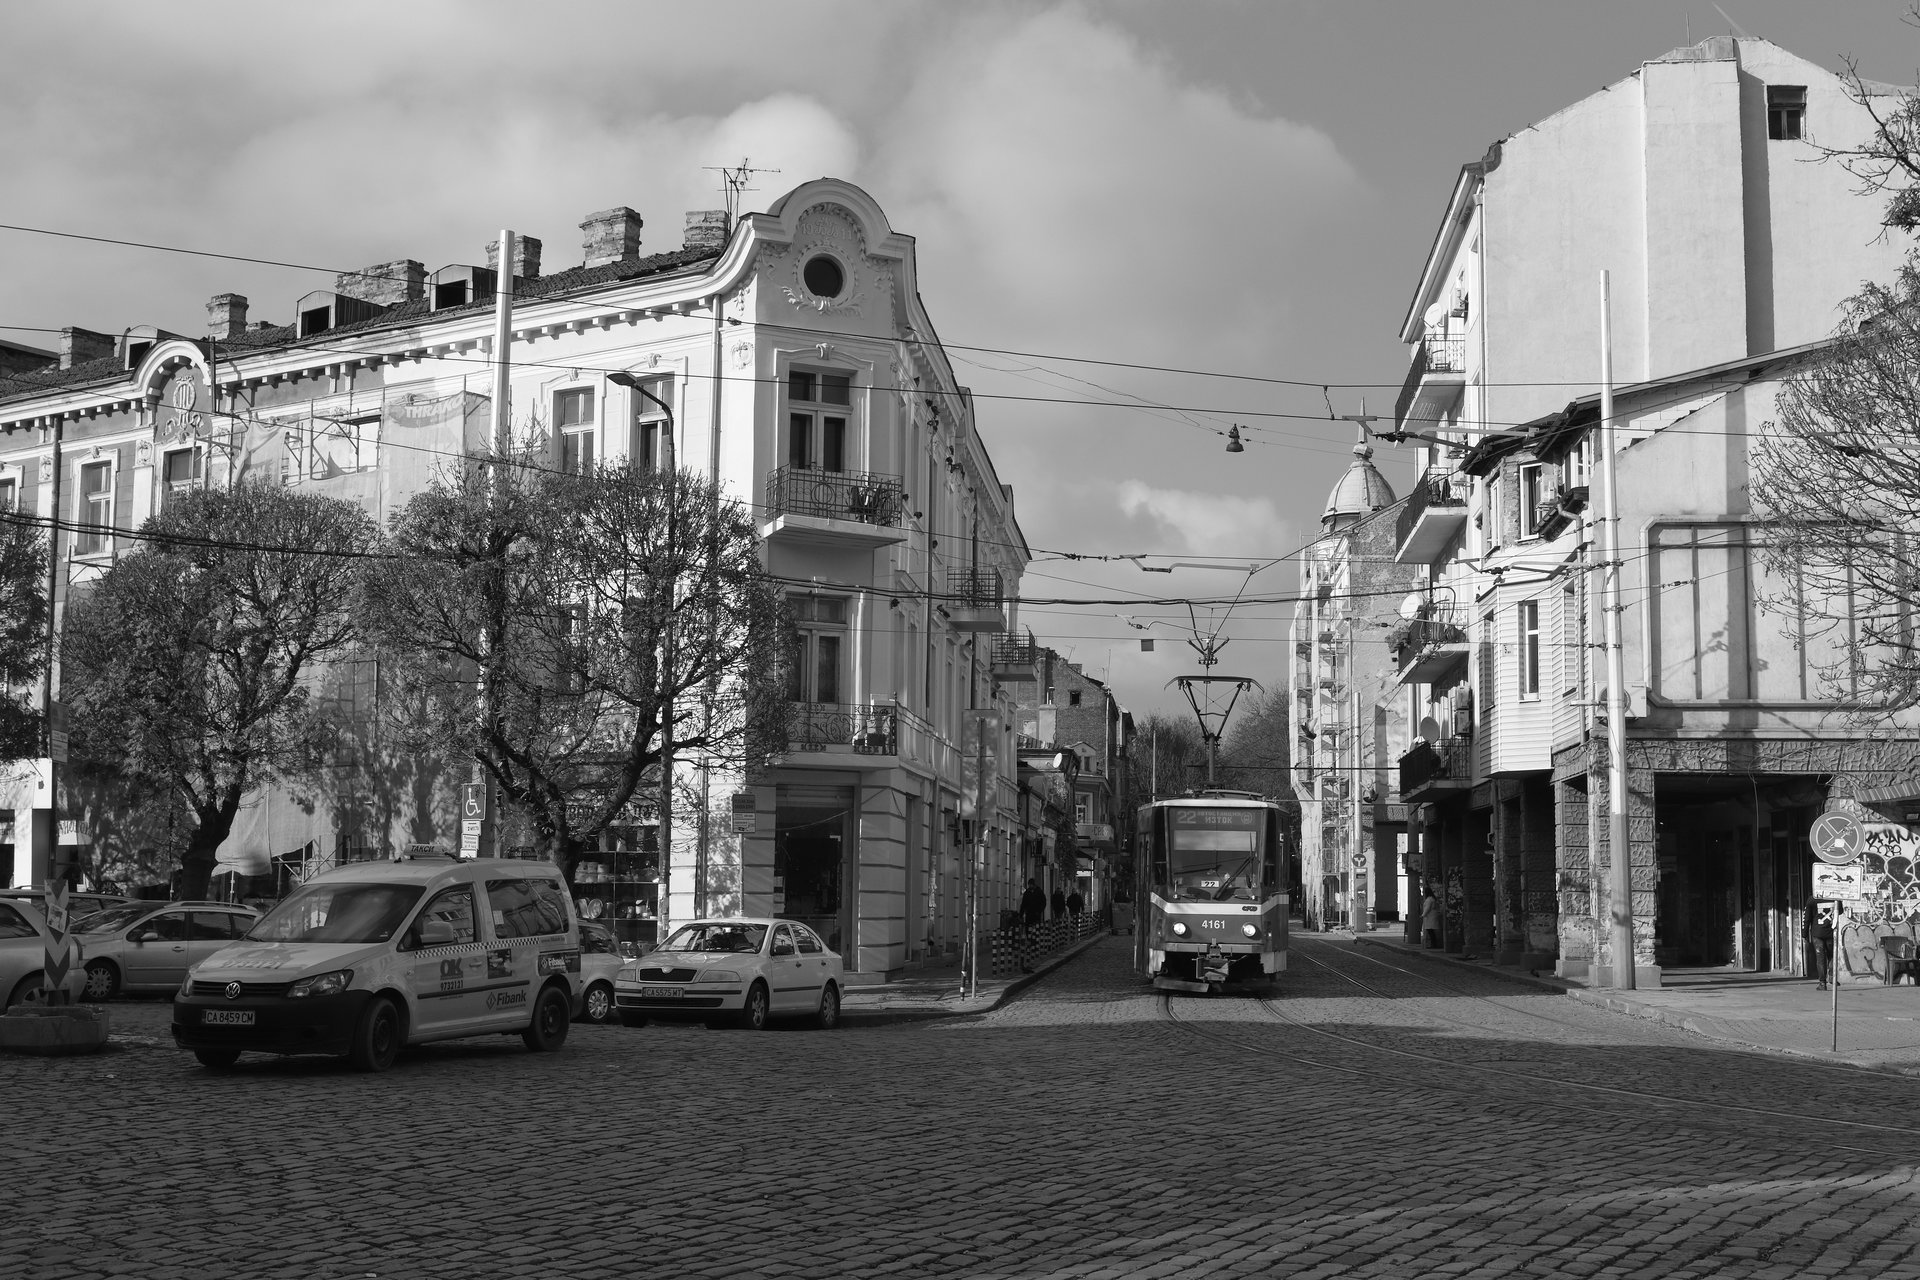 улица Пиротска | Author marieta.st | PHOTO FORUM